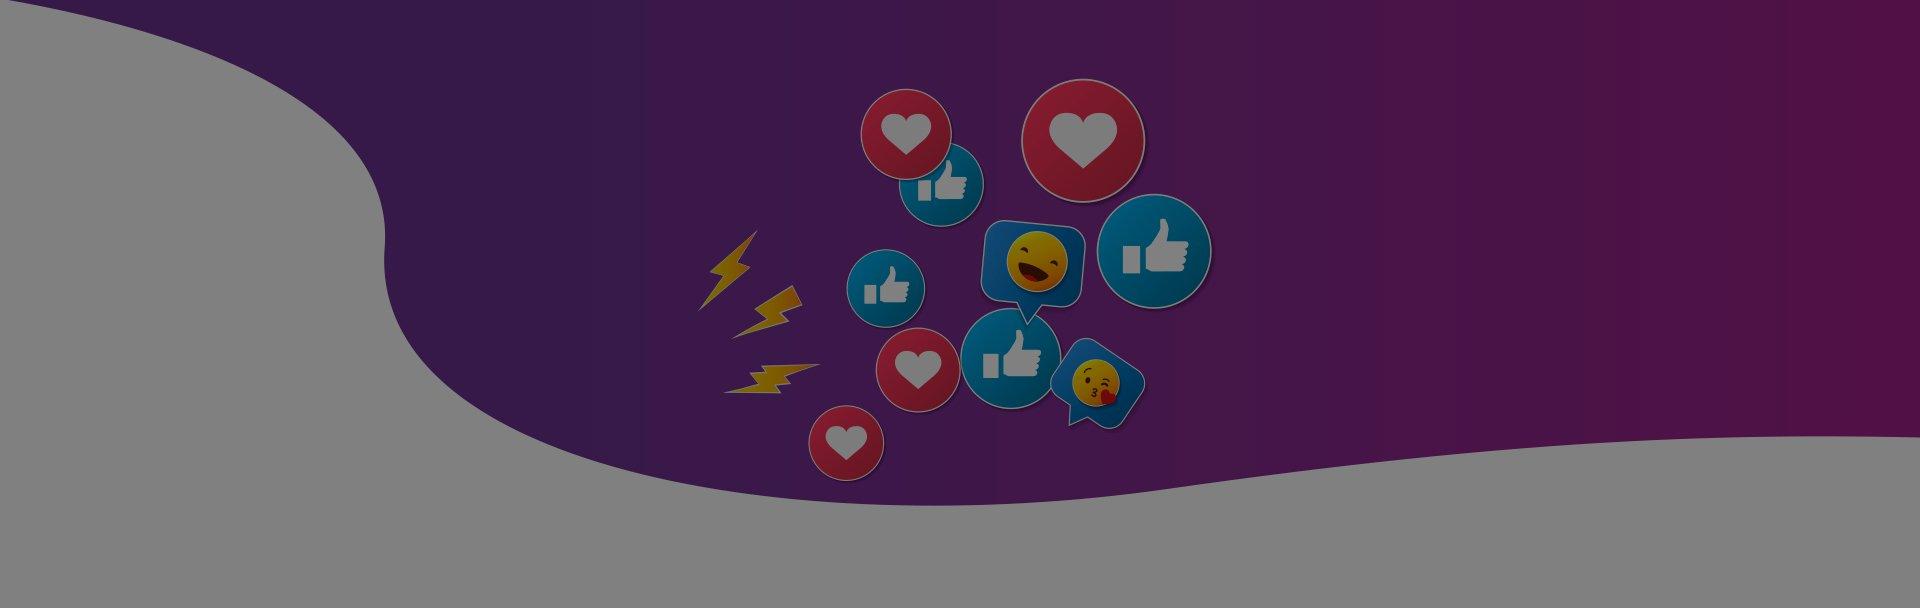 Blog-Solucionweb-Lo-nuevo-en-Marketing-Conoce-el-marketing-de-micro-influencers-tres